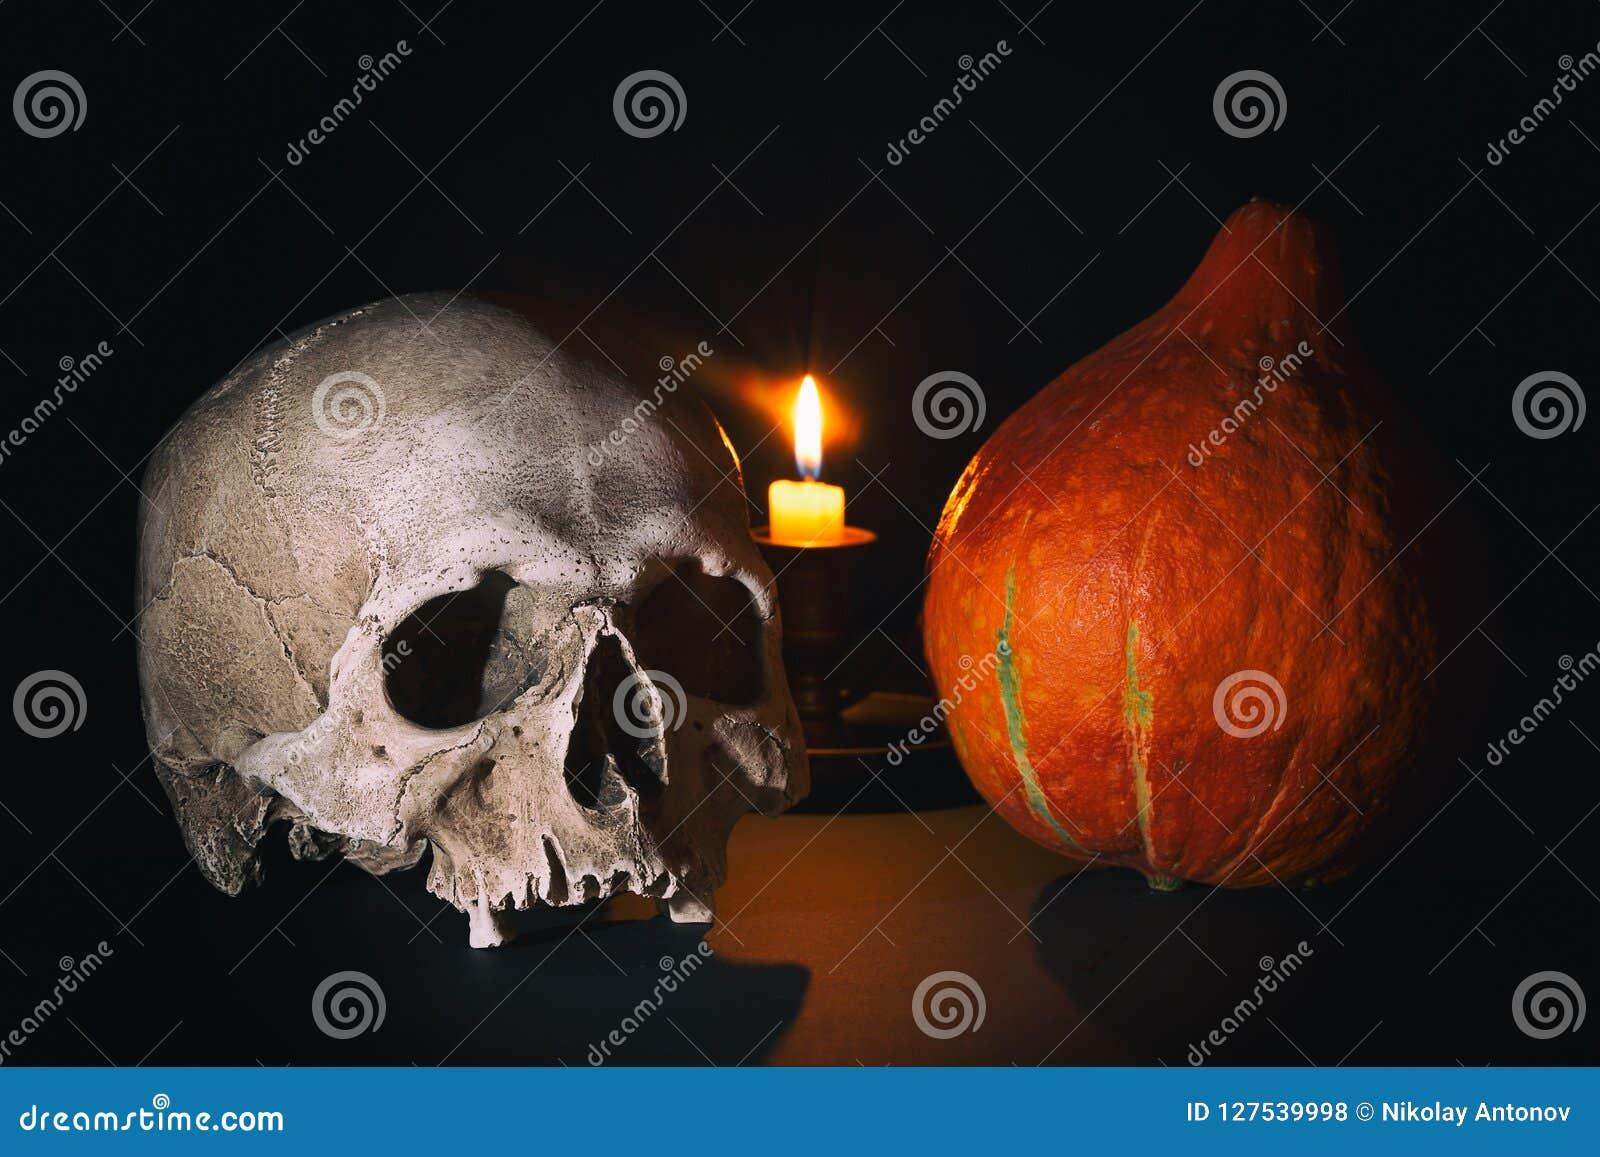 Kürbis, frequentiertes Haus und Hiebe gegen Vollmond Menschlicher Schädel nahe Halloween-Kürbis mit brennender Kerze auf Hintergr